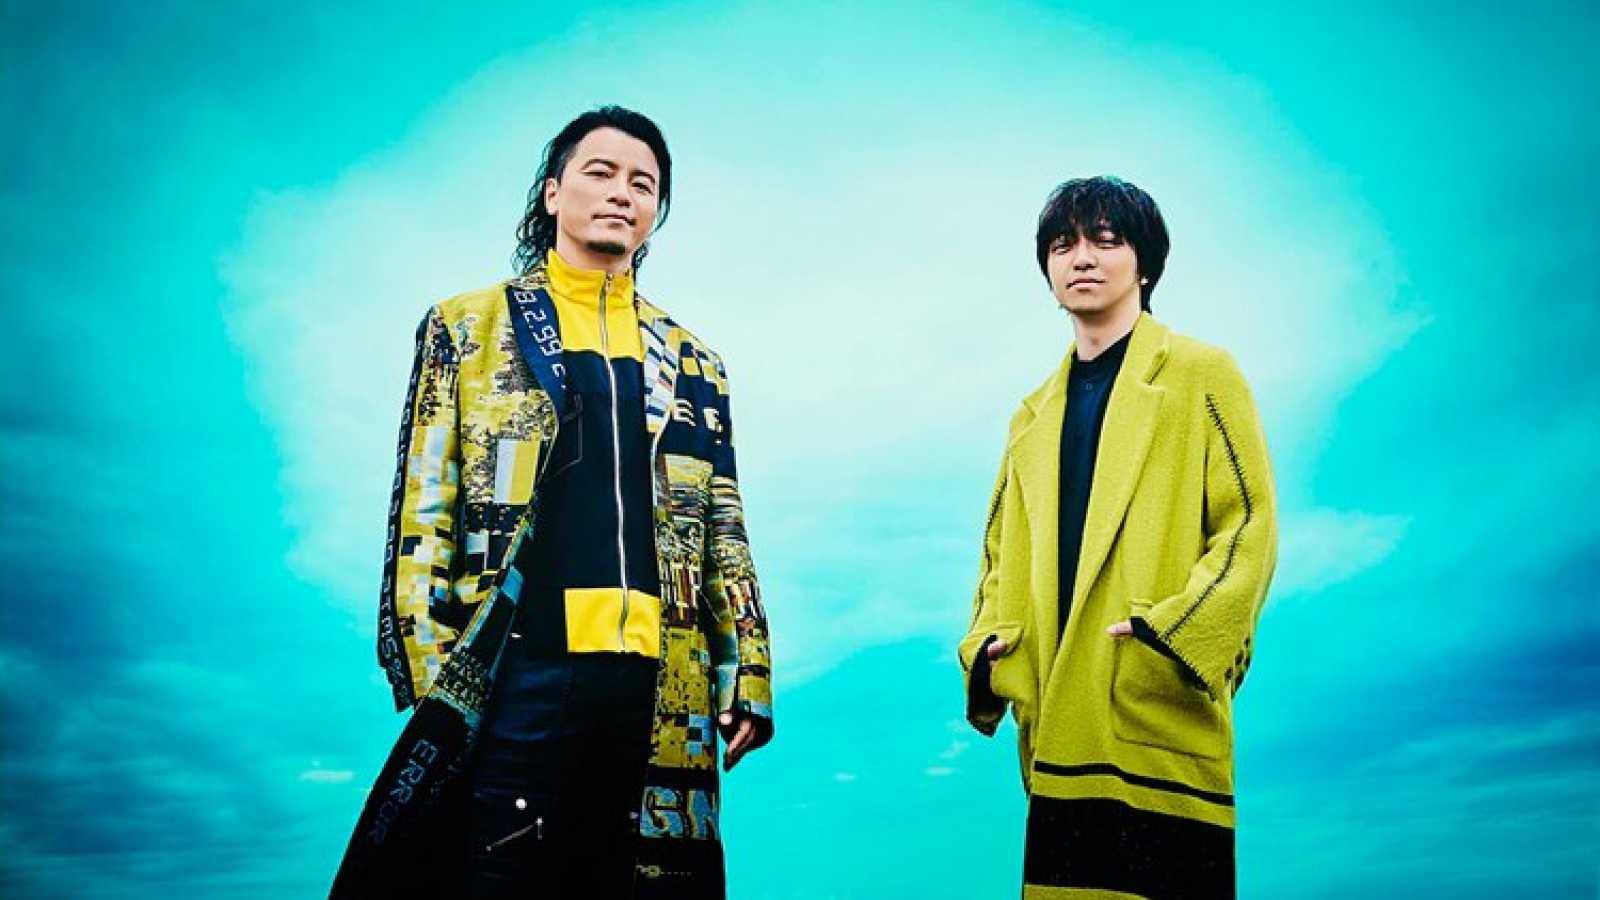 KREVA anuncia nuevo single en colaboración con Daichi Miura © KREVA x Daichi Miura. All rights reserved.